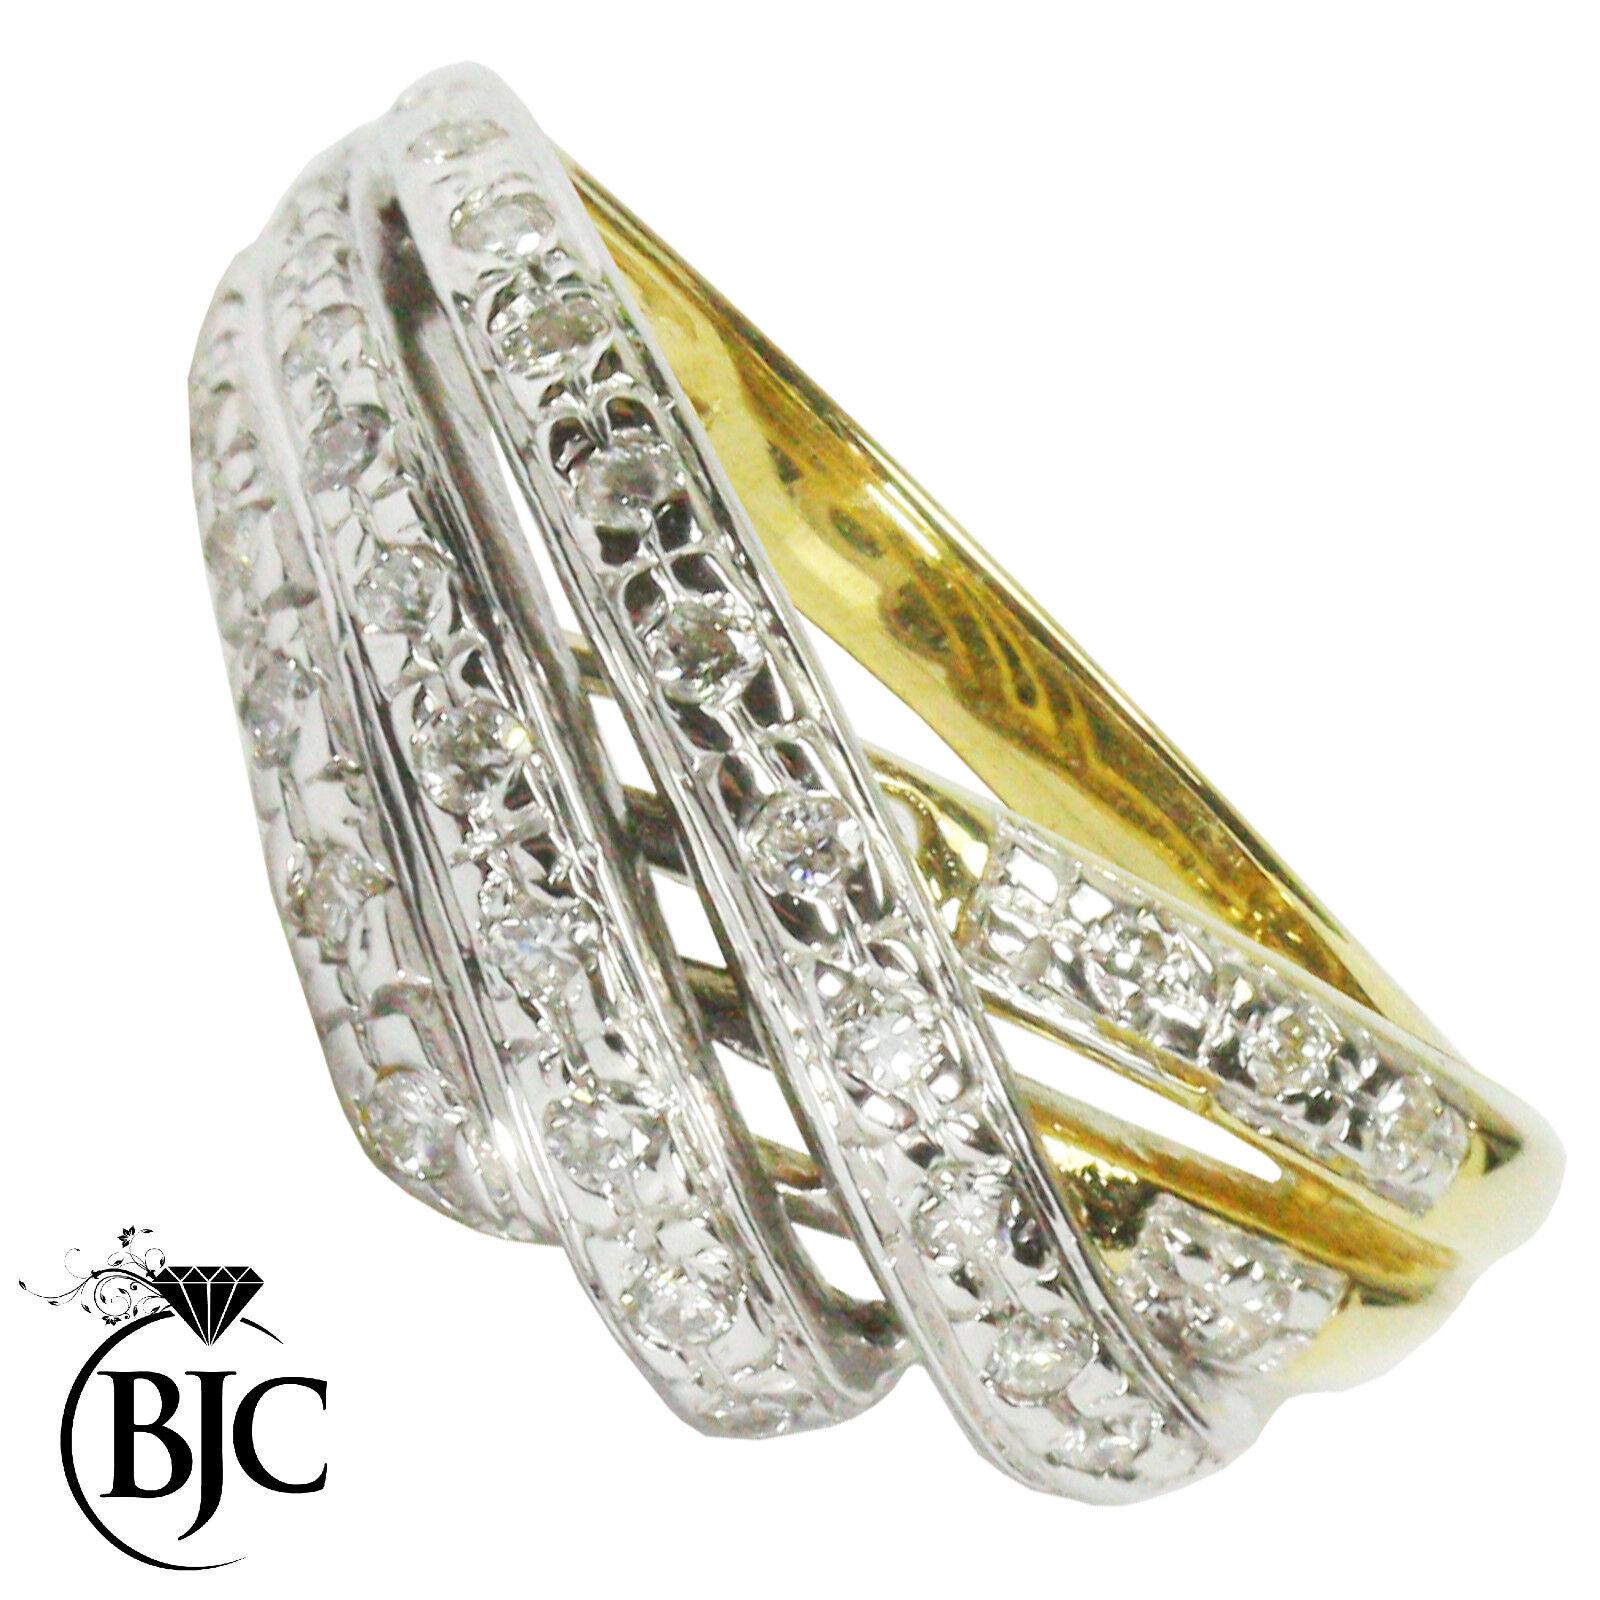 Bjc 18 Karat yellowgold Diamant 0.32ct Kt Größe n Cluster Verlobungsring R114